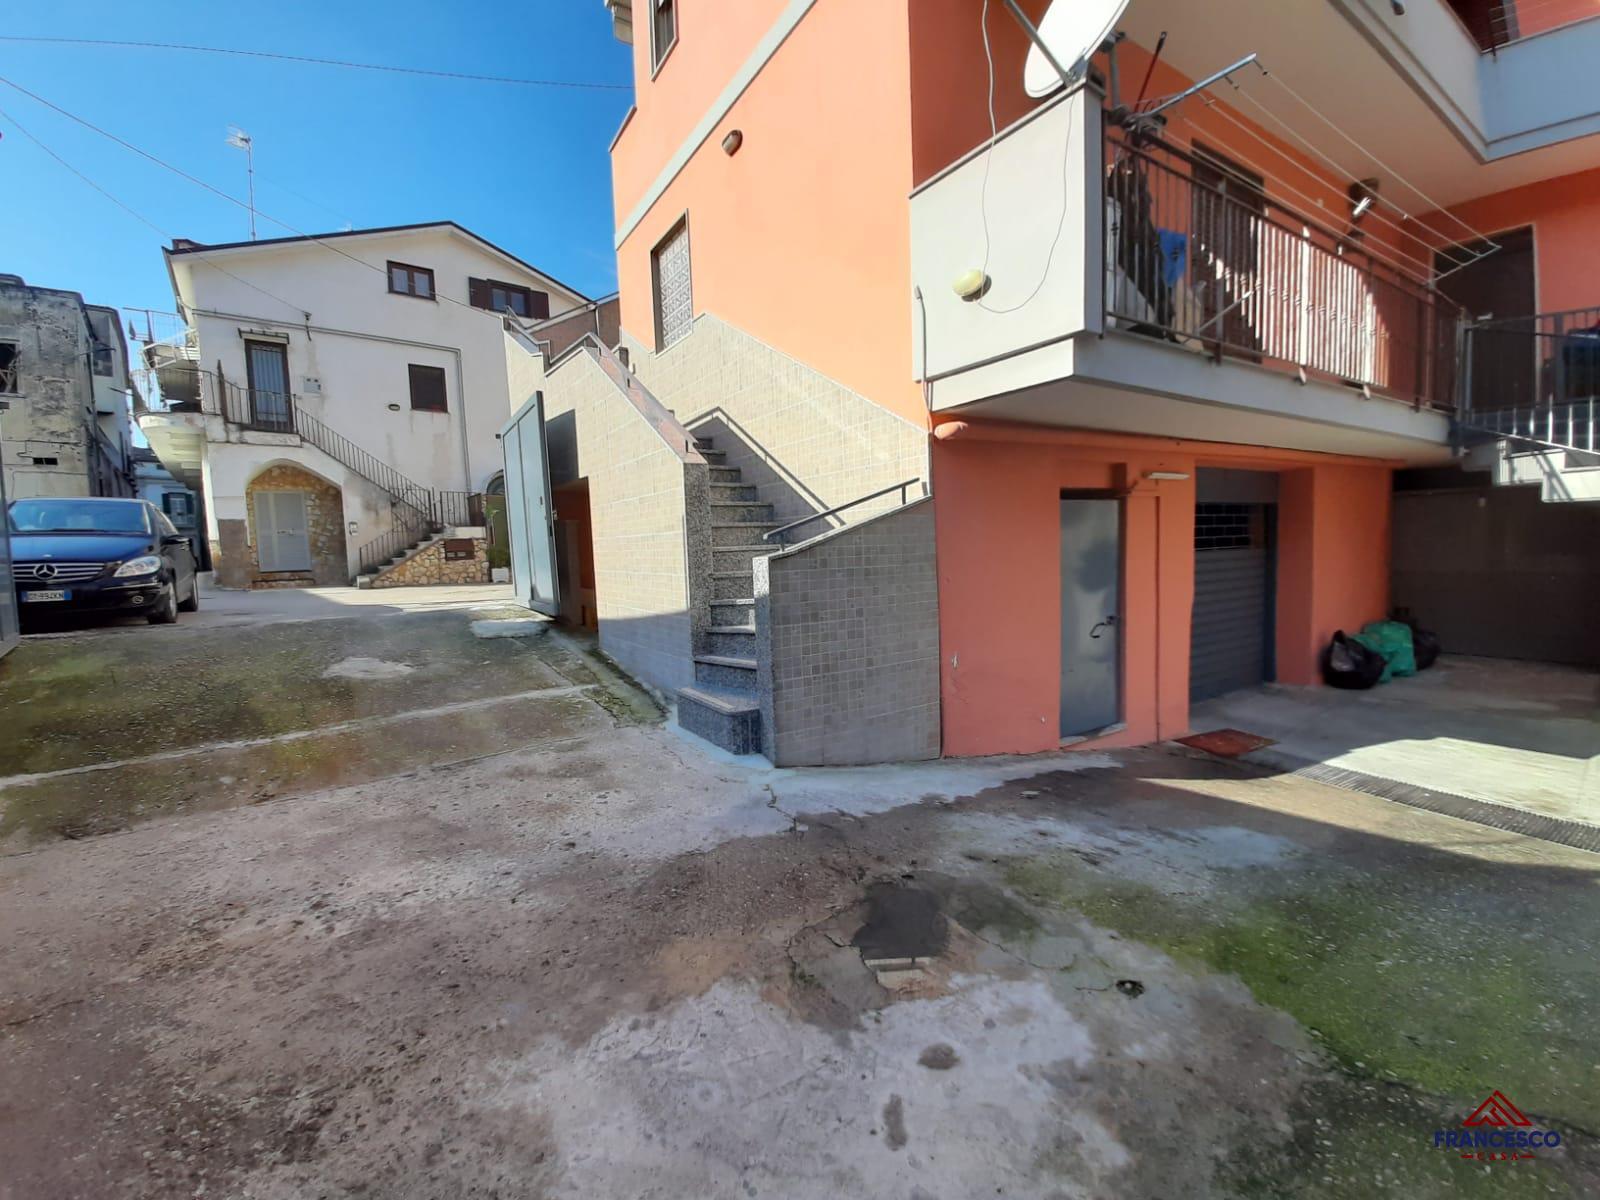 Soluzione semindipendente in vendita ad Angri Via Raiola